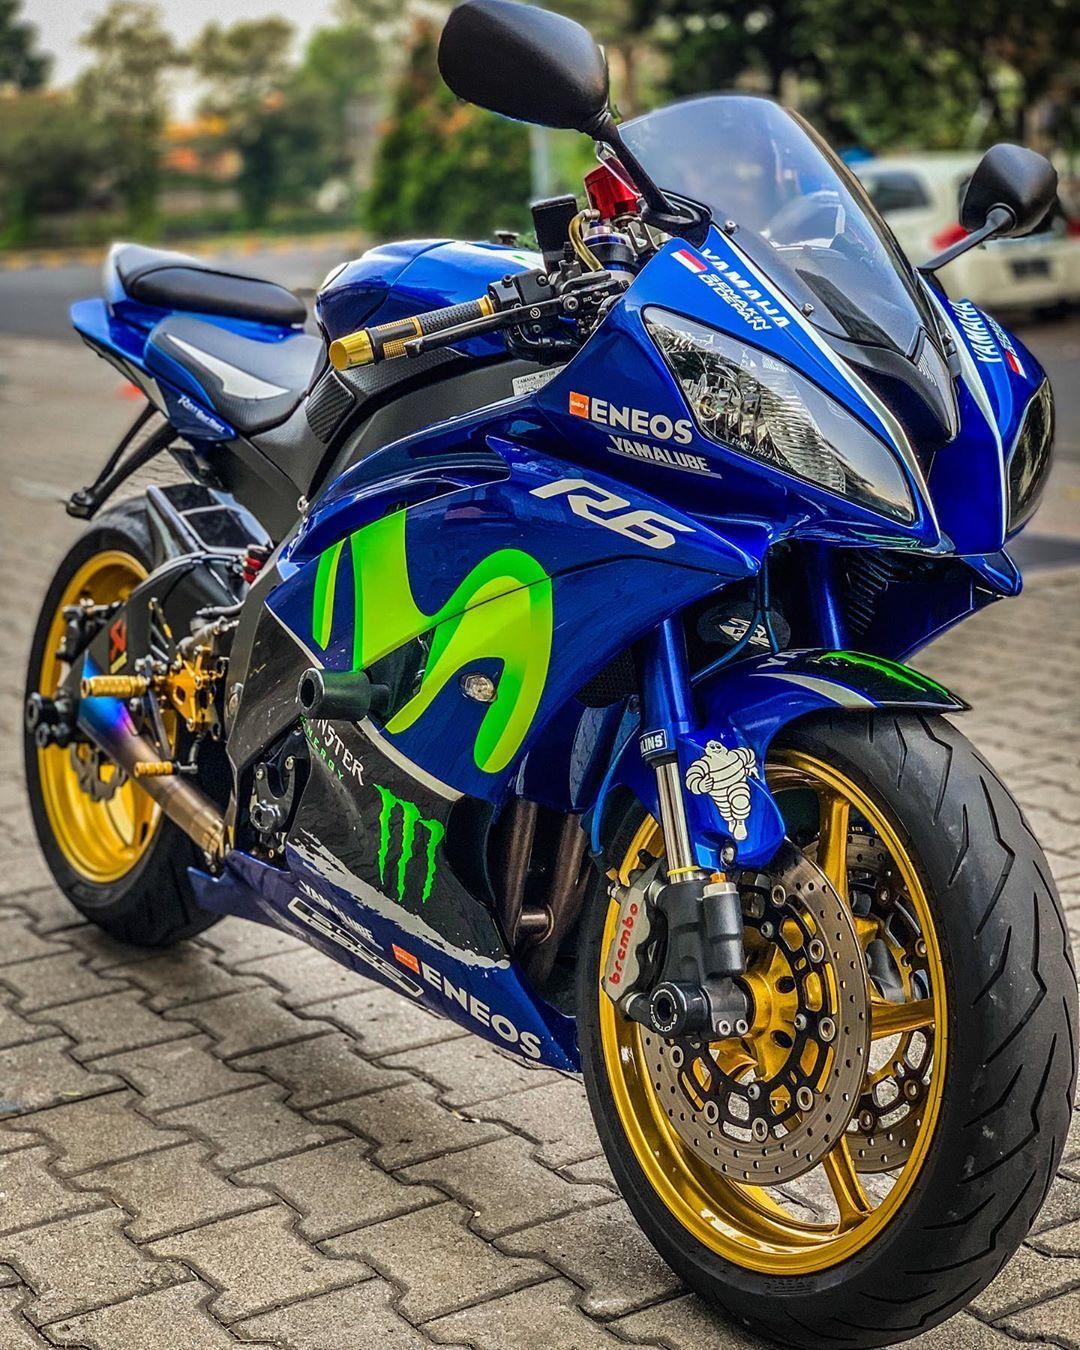 Yamaha R6 Mobil Sport Mobil Seni Jalanan